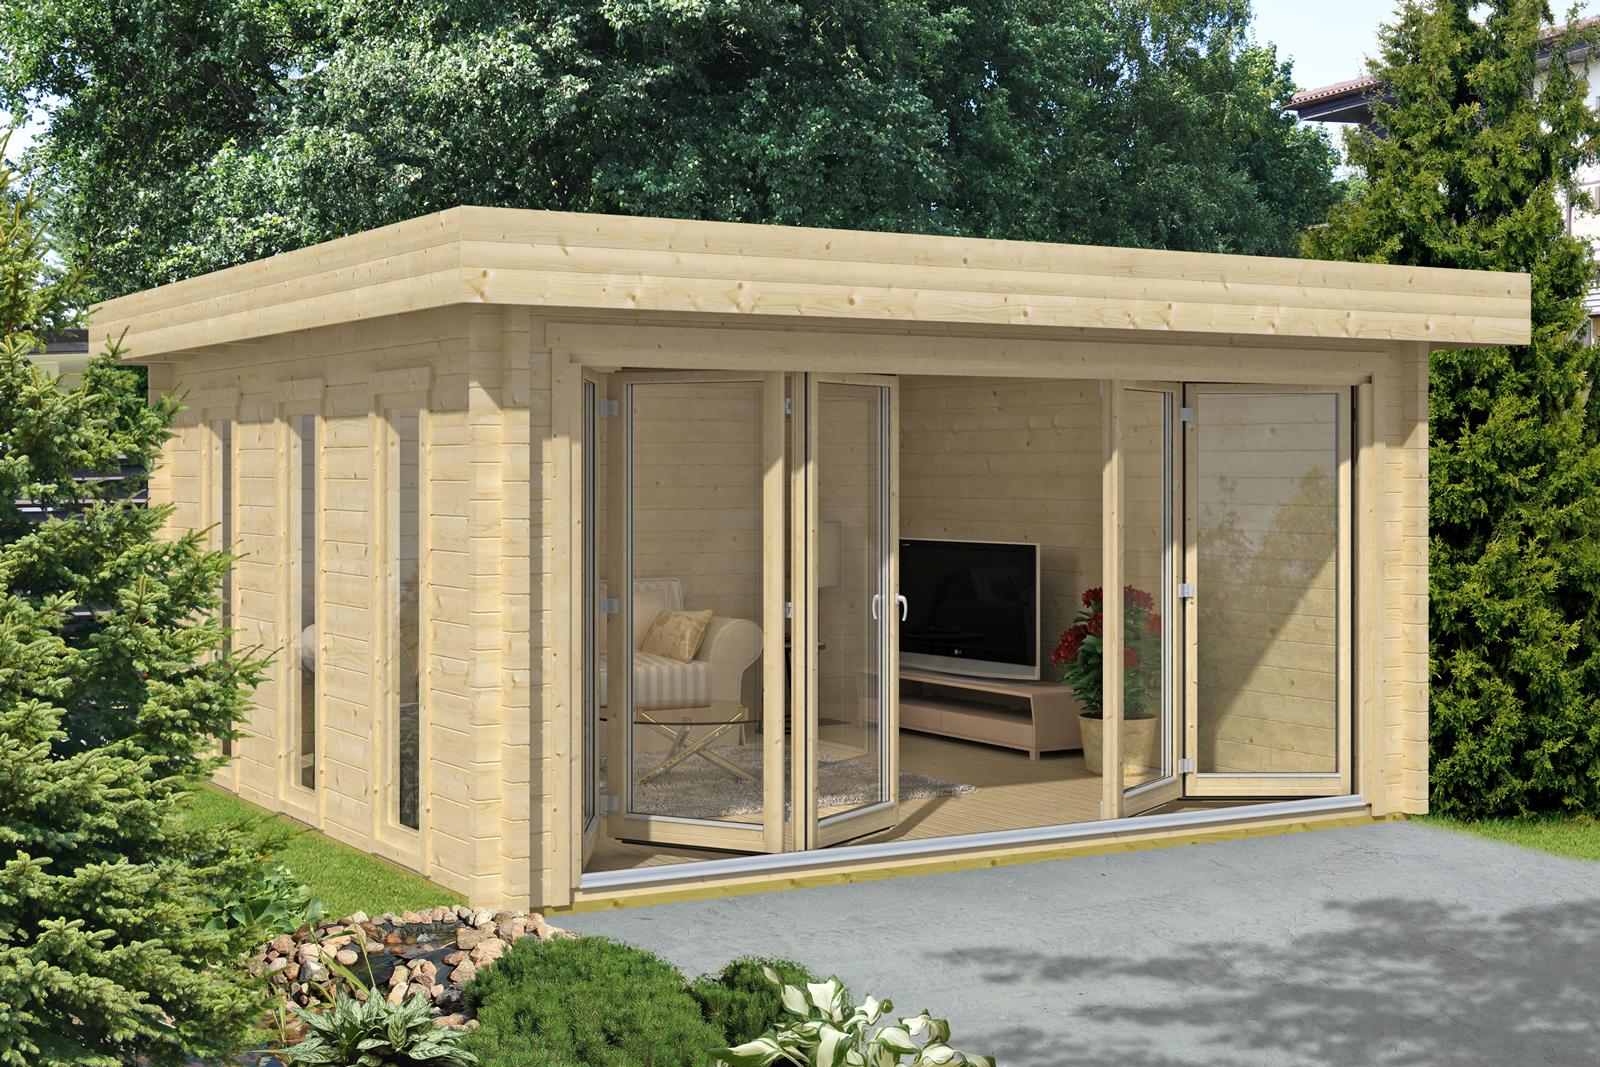 gartenhaus almelo 70 premium gartenhaus almelo 70 premium. Black Bedroom Furniture Sets. Home Design Ideas